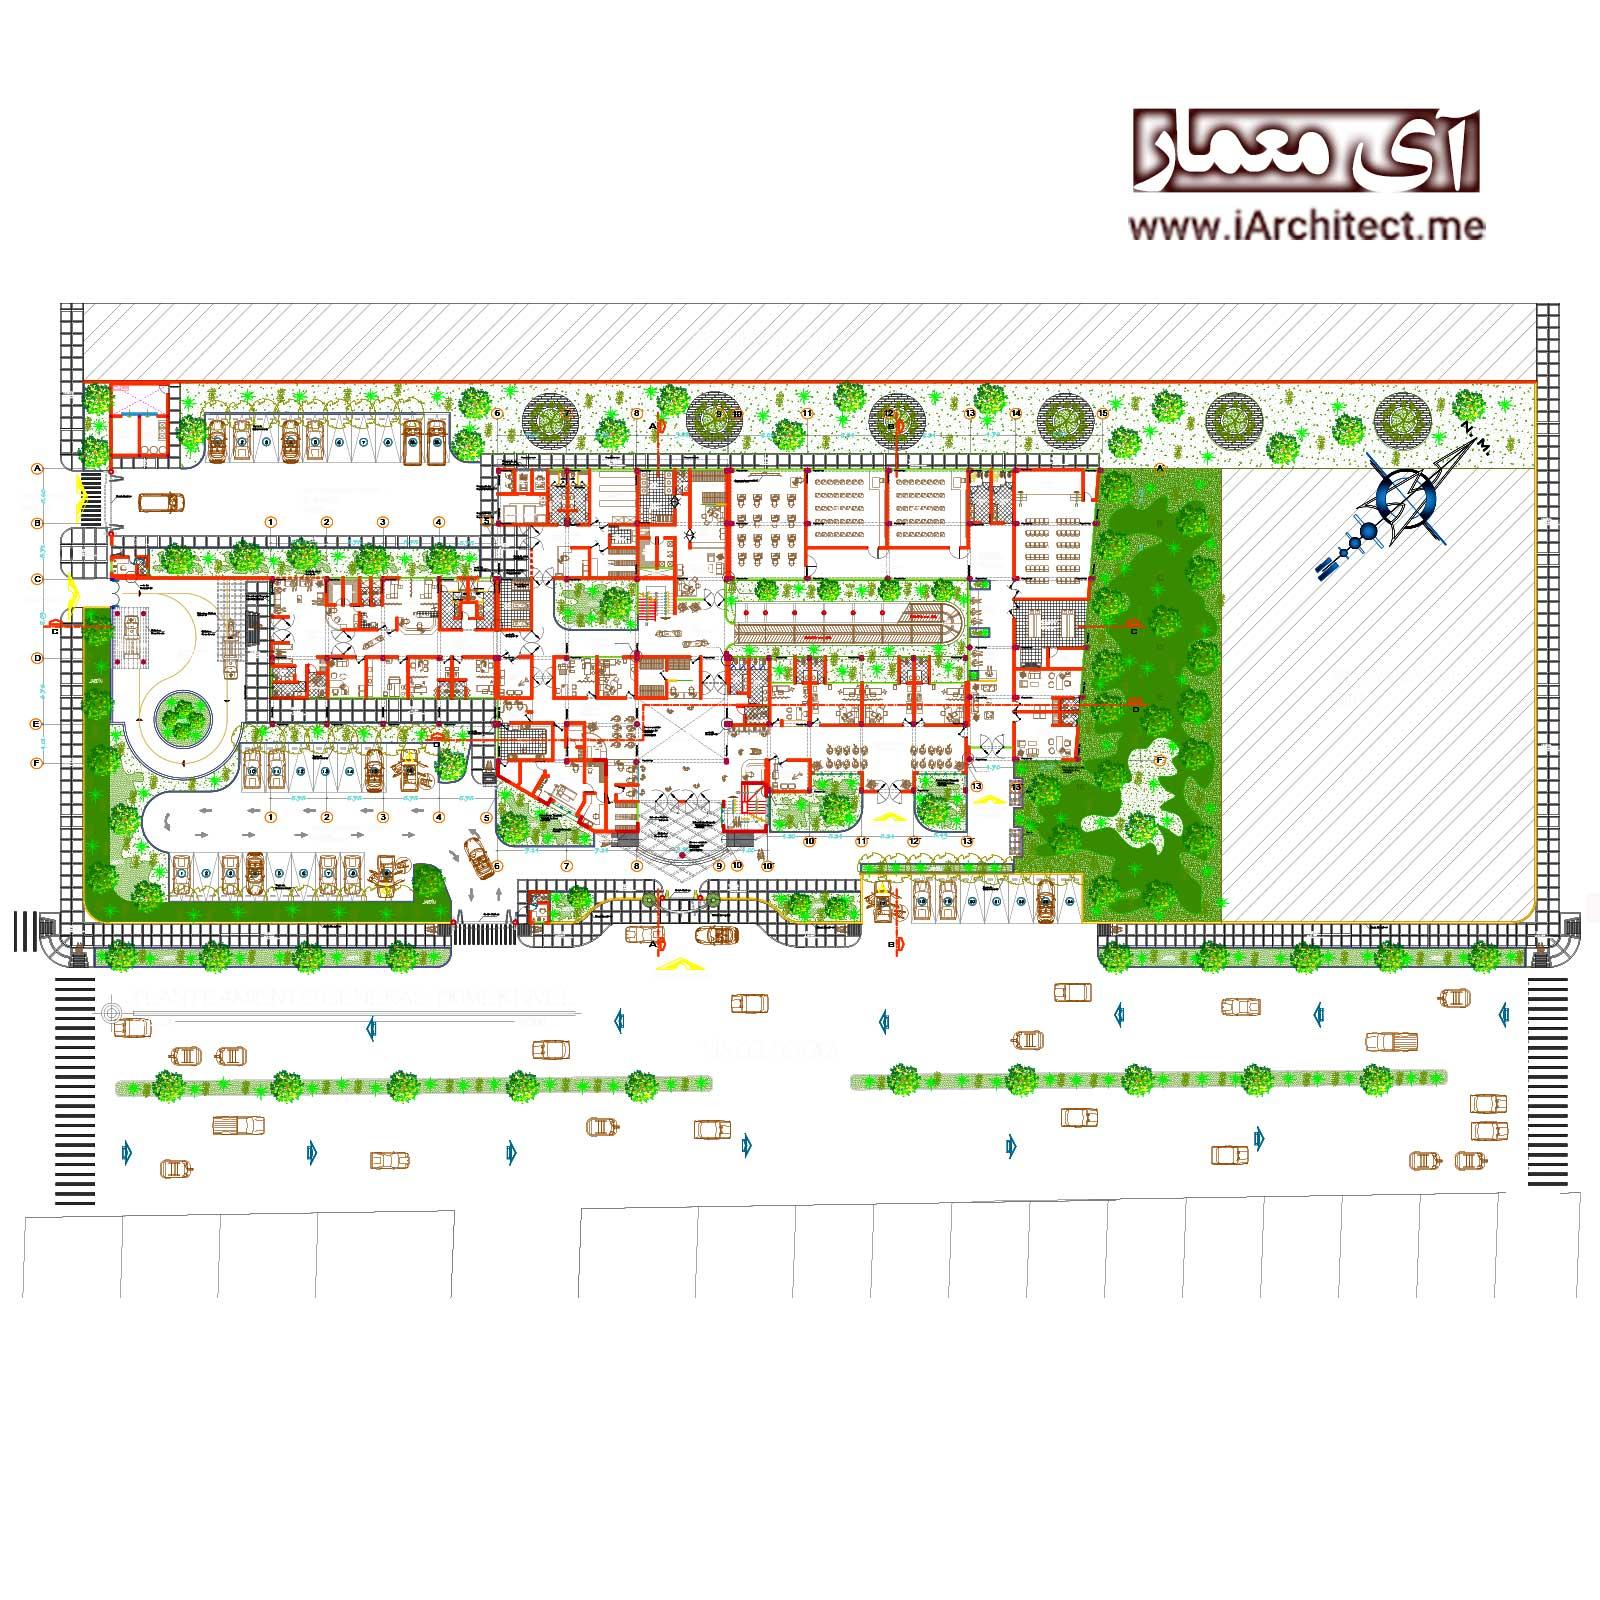 نقشه بیمارستان اطفال